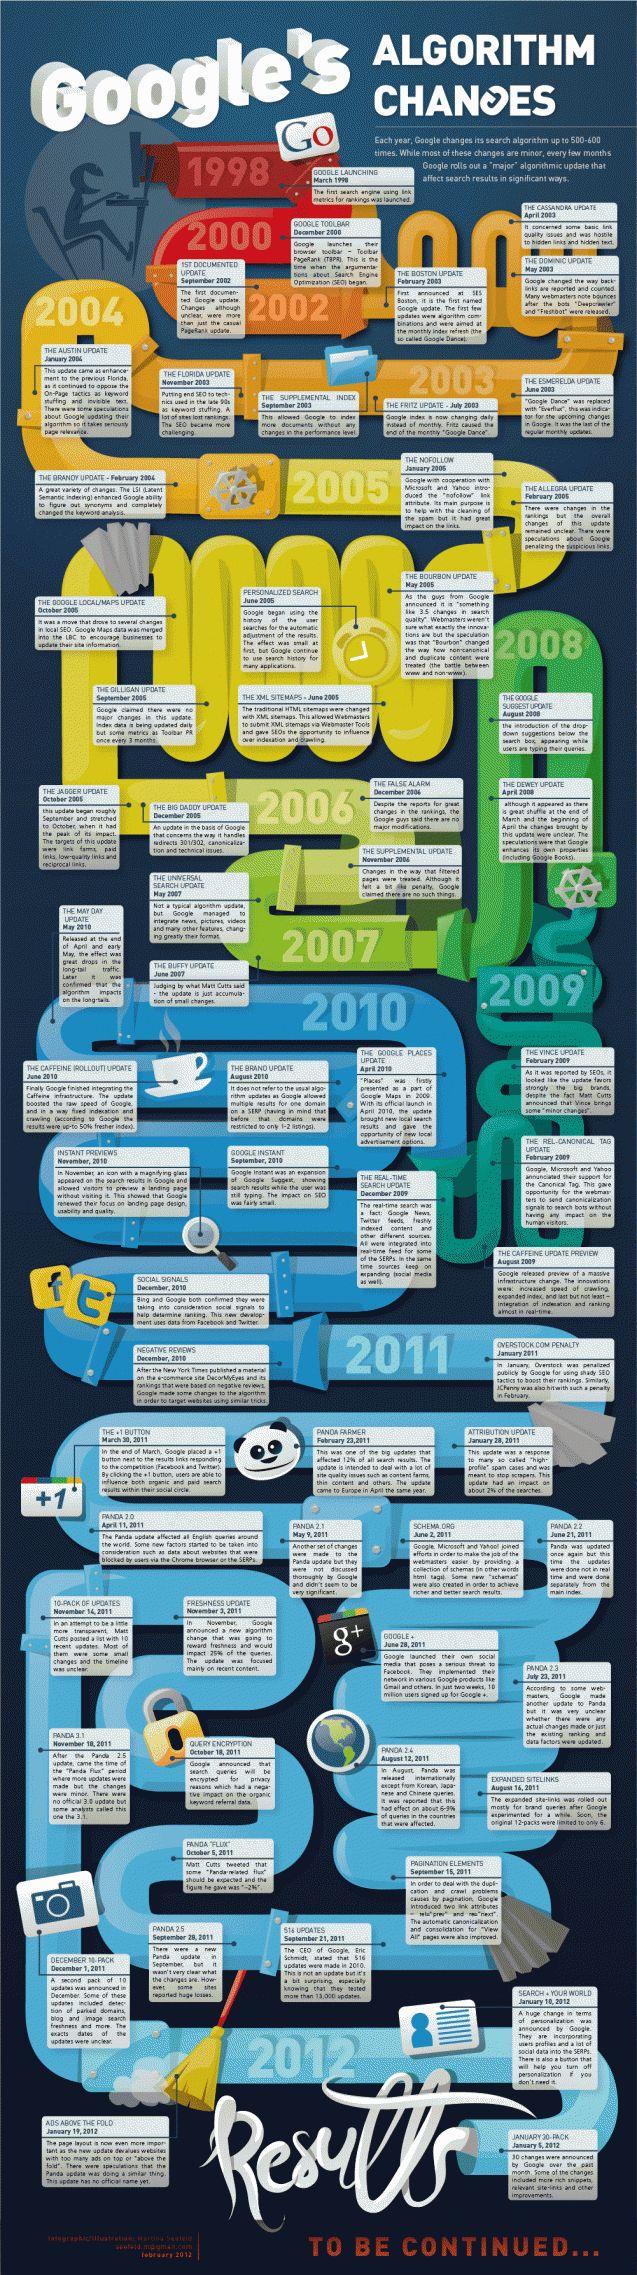 A Timeline of Google Algorithm Changes & Updates